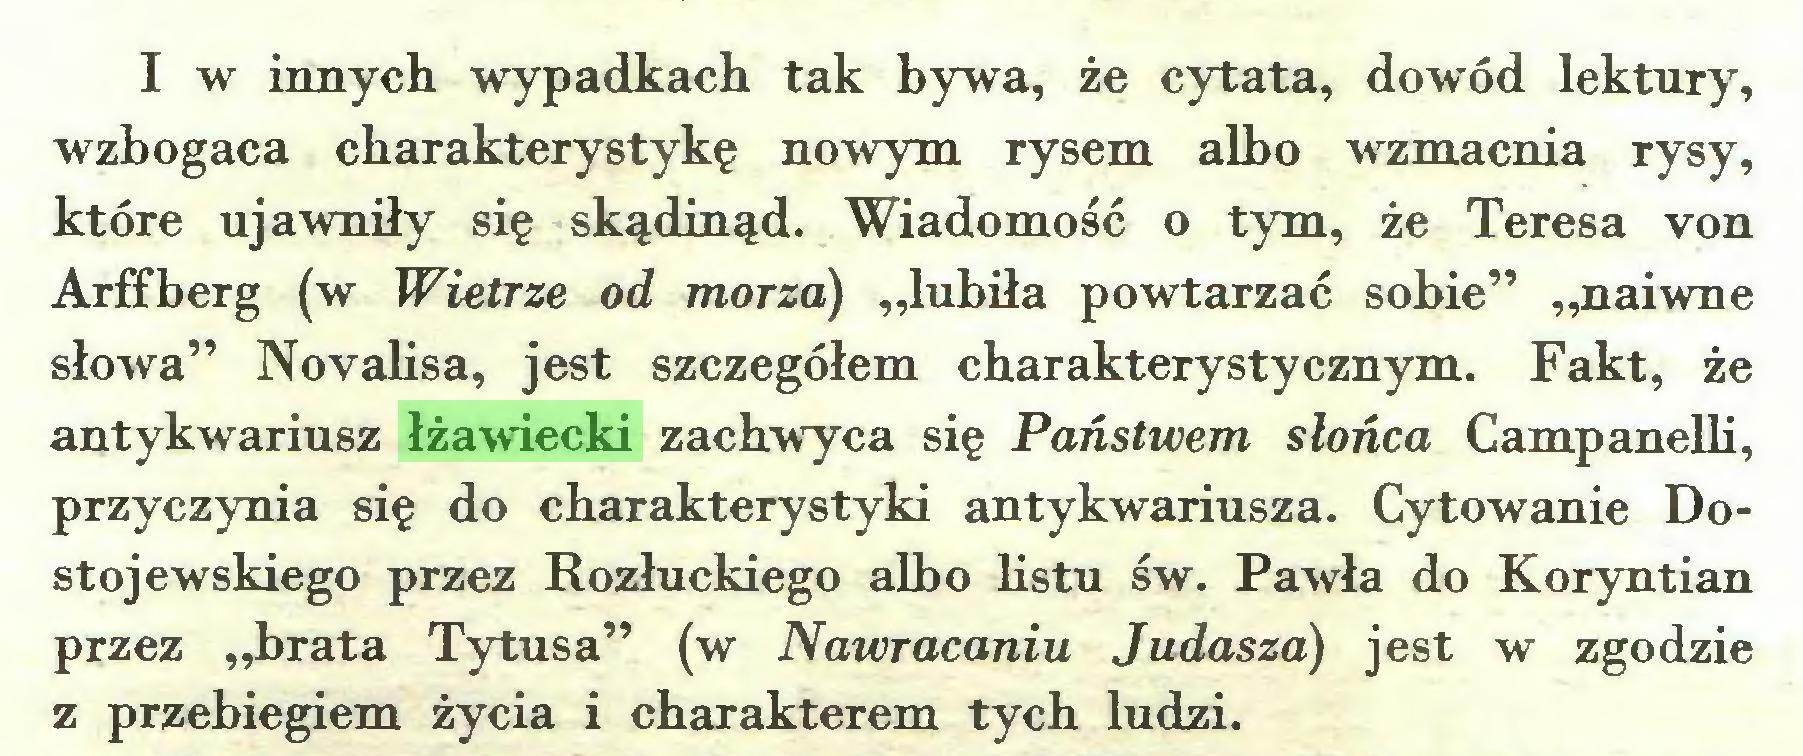 """(...) I w innych wypadkach tak bywa, że cytata, dowód lektury, wzbogaca charakterystykę nowym rysem albo wzmacnia rysy, które ujawniły się skądinąd. Wiadomość o tym, że Teresa von Arffberg (w Wietrze od morza) """"lubiła powtarzać sobie"""" """"naiwne słowa"""" Novalisa, jest szczegółem charakterystycznym. Fakt, że antykwariusz łżawiecki zachwyca się Państwem słońca Campanelli, przyczynia się do charakterystyki antykwariusza. Cytowanie Dostojewskiego przez Rozłuckiego albo listu św. Pawła do Koryntian przez """"brata Tytusa"""" (w Nawracaniu Judasza) jest w zgodzie z przebiegiem życia i charakterem tych ludzi..."""